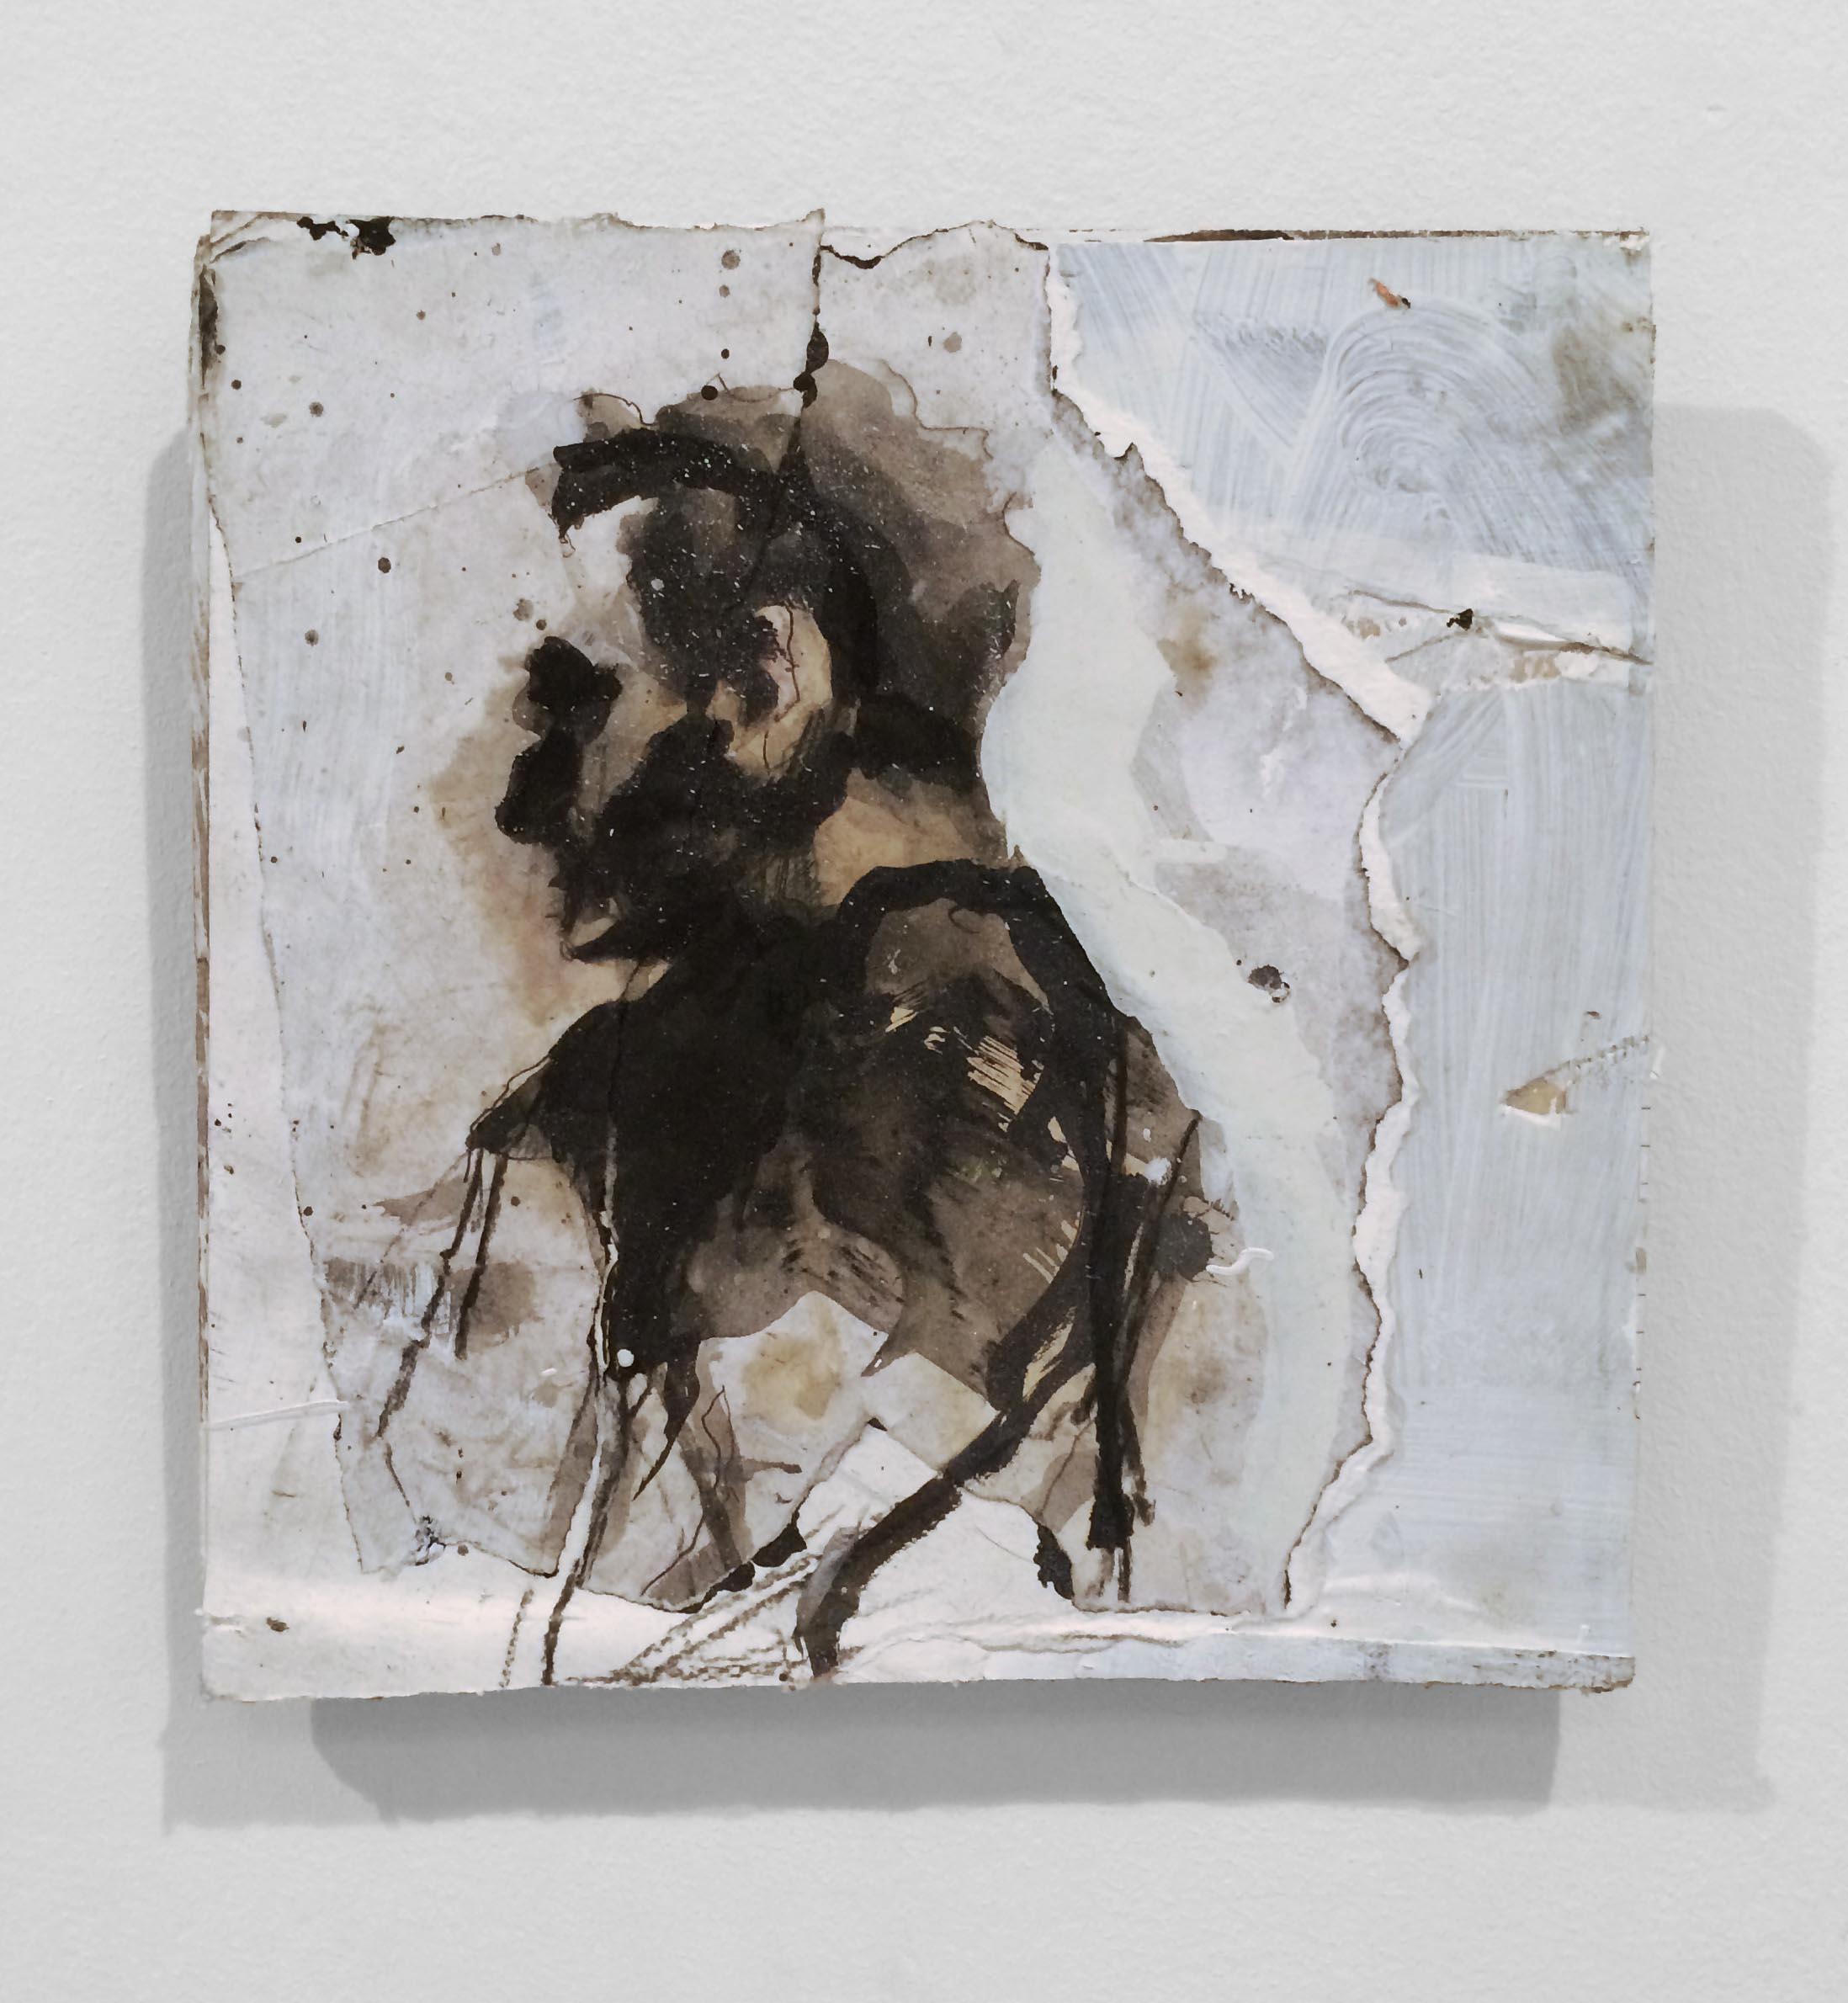 Aldo van den Broek_2014_Untitled II, 28 X 28 cm.jpg